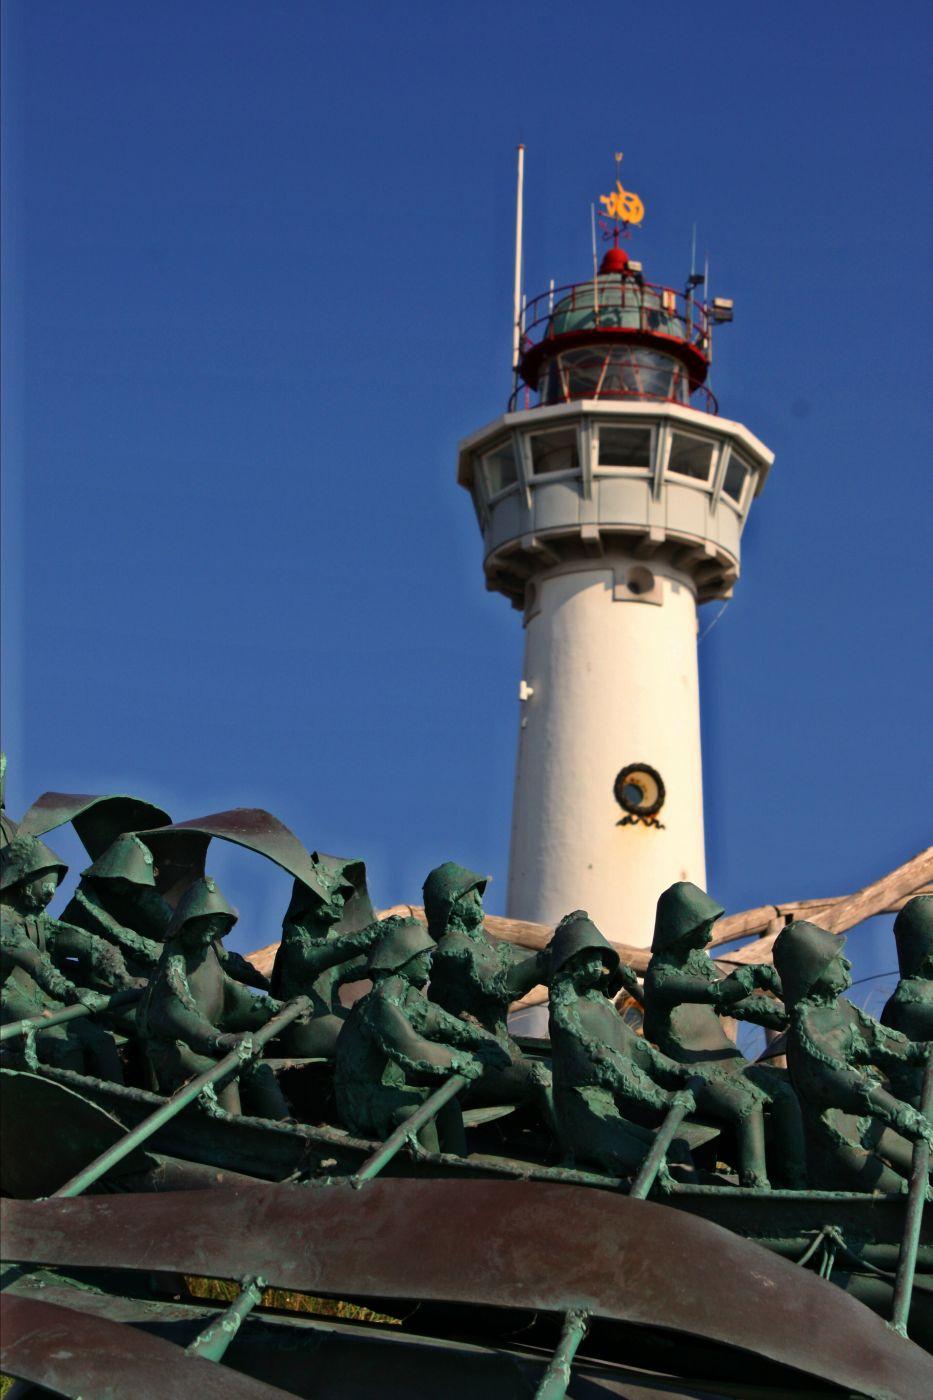 Denkmal für die Seenotretter vor dem Leuchtturm, Netherlands